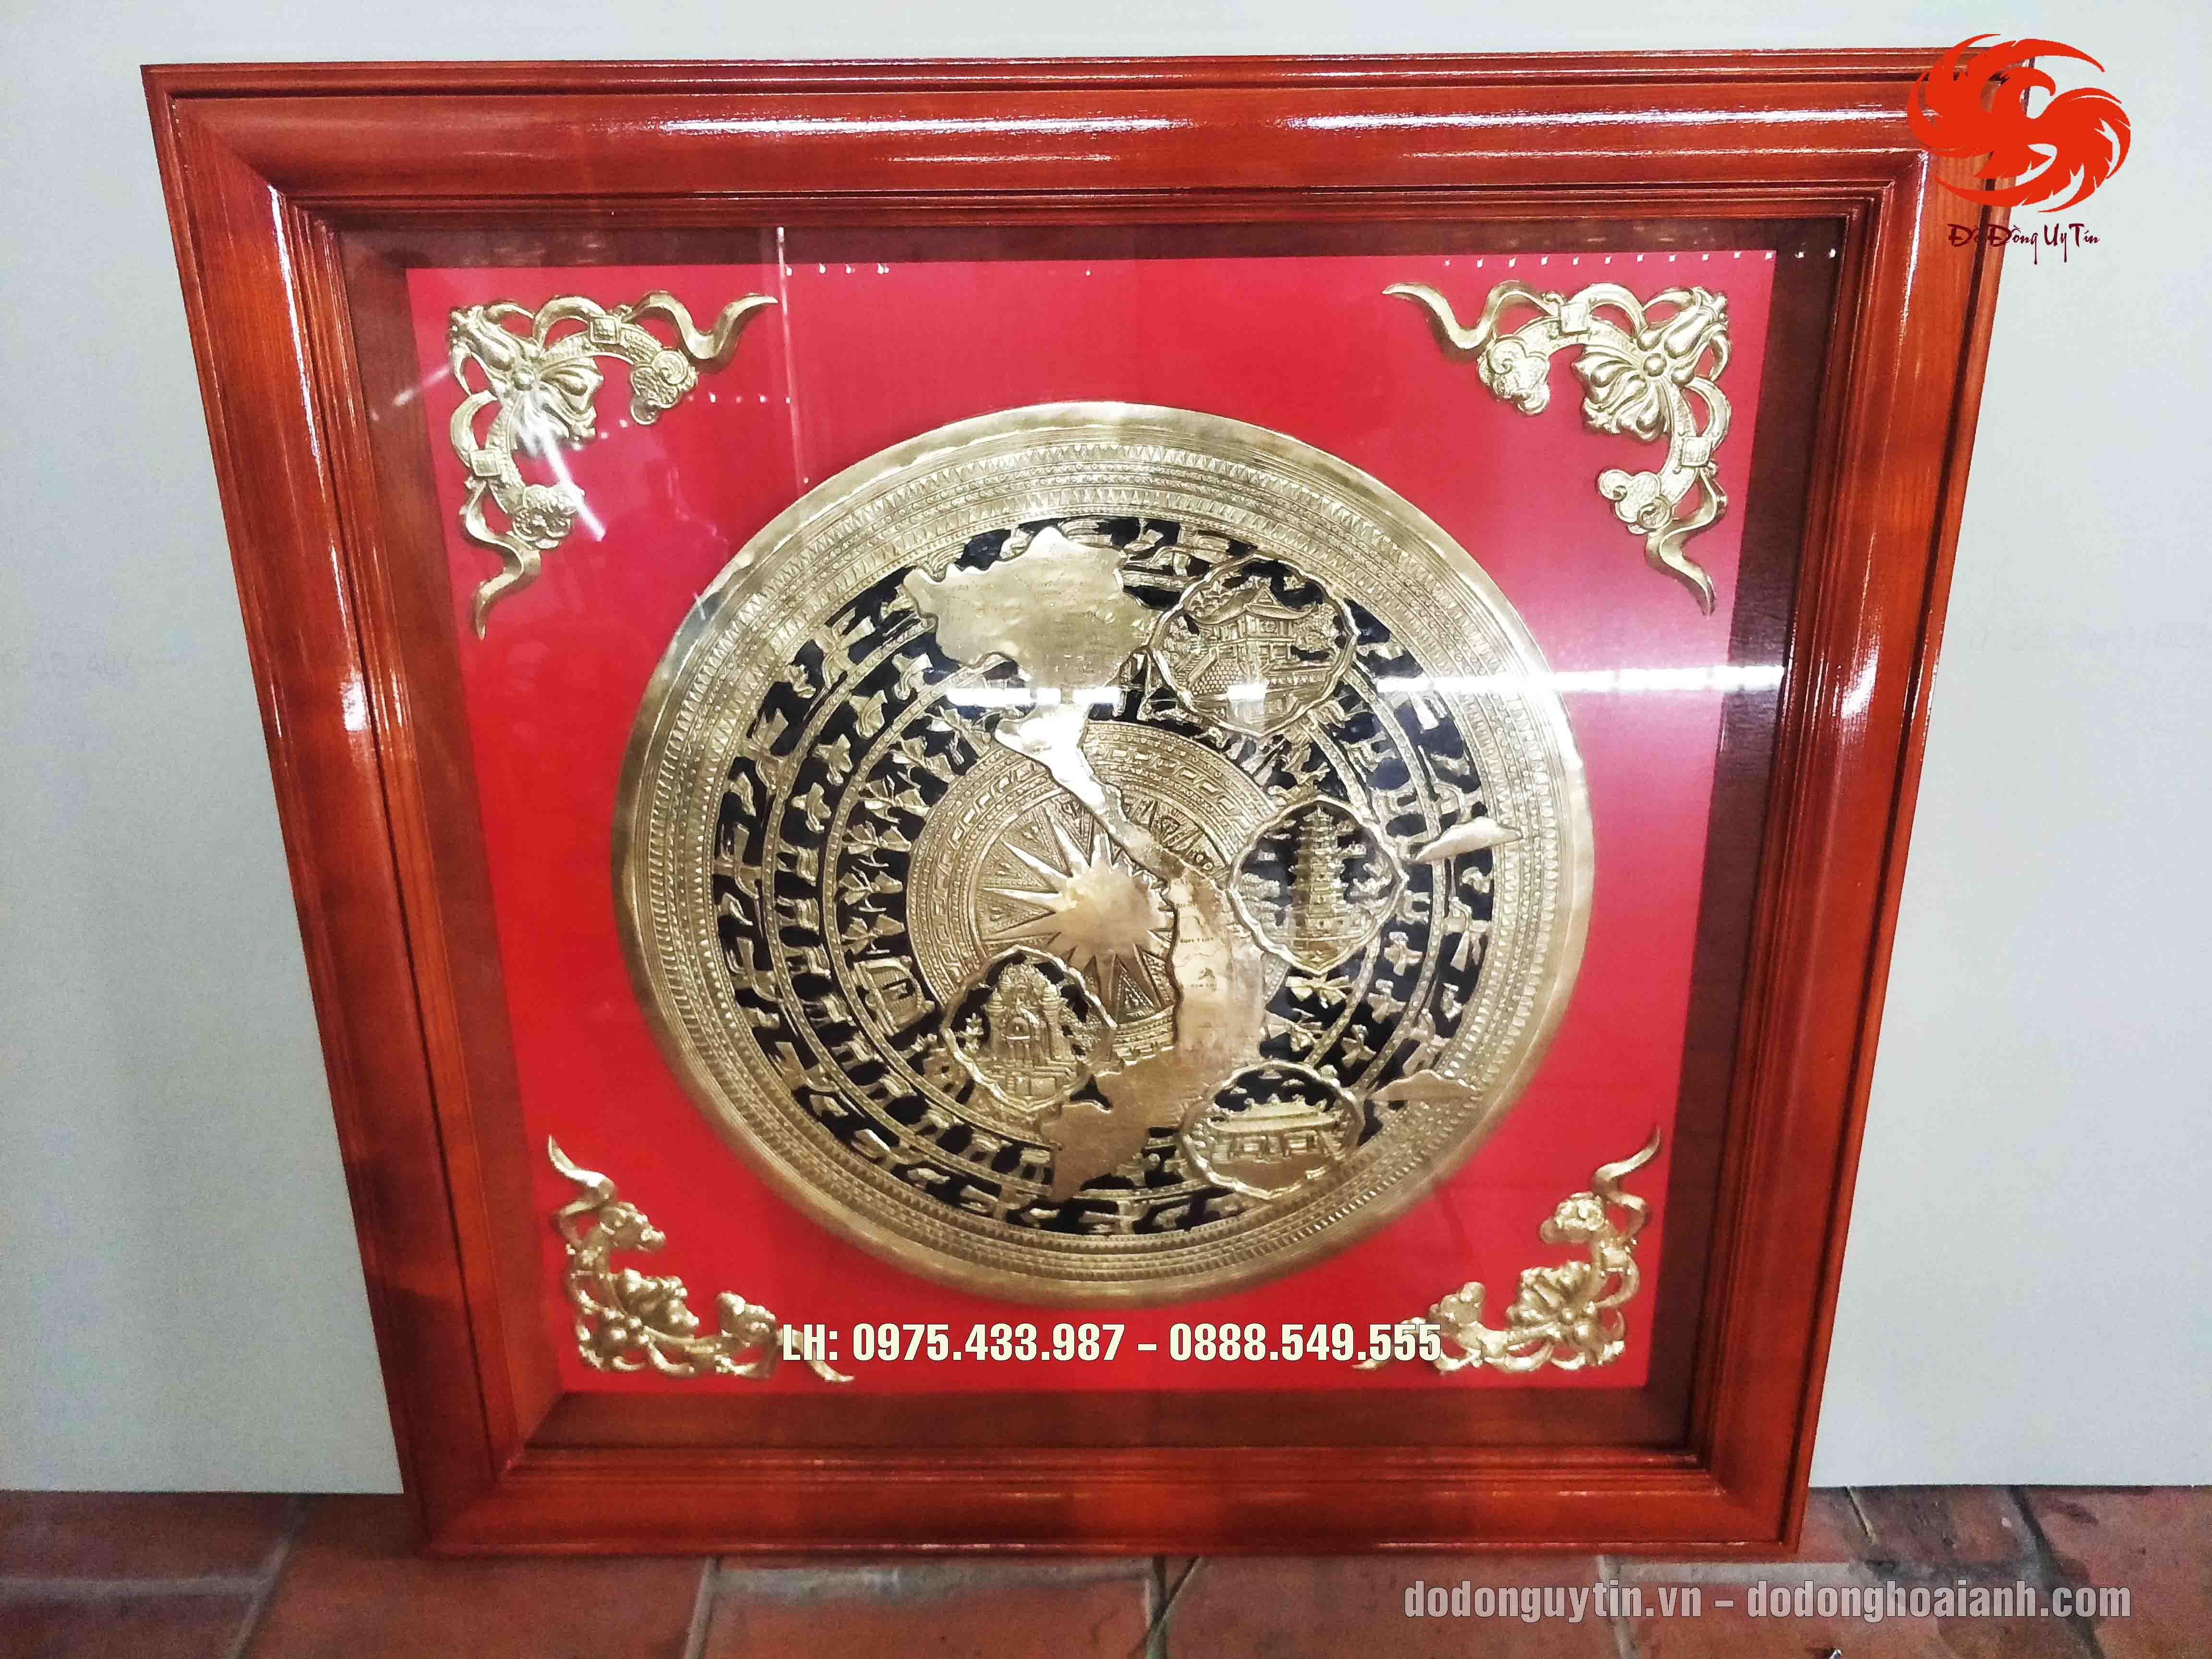 Trống đồng việt nam kích thước 100cm x 100cm